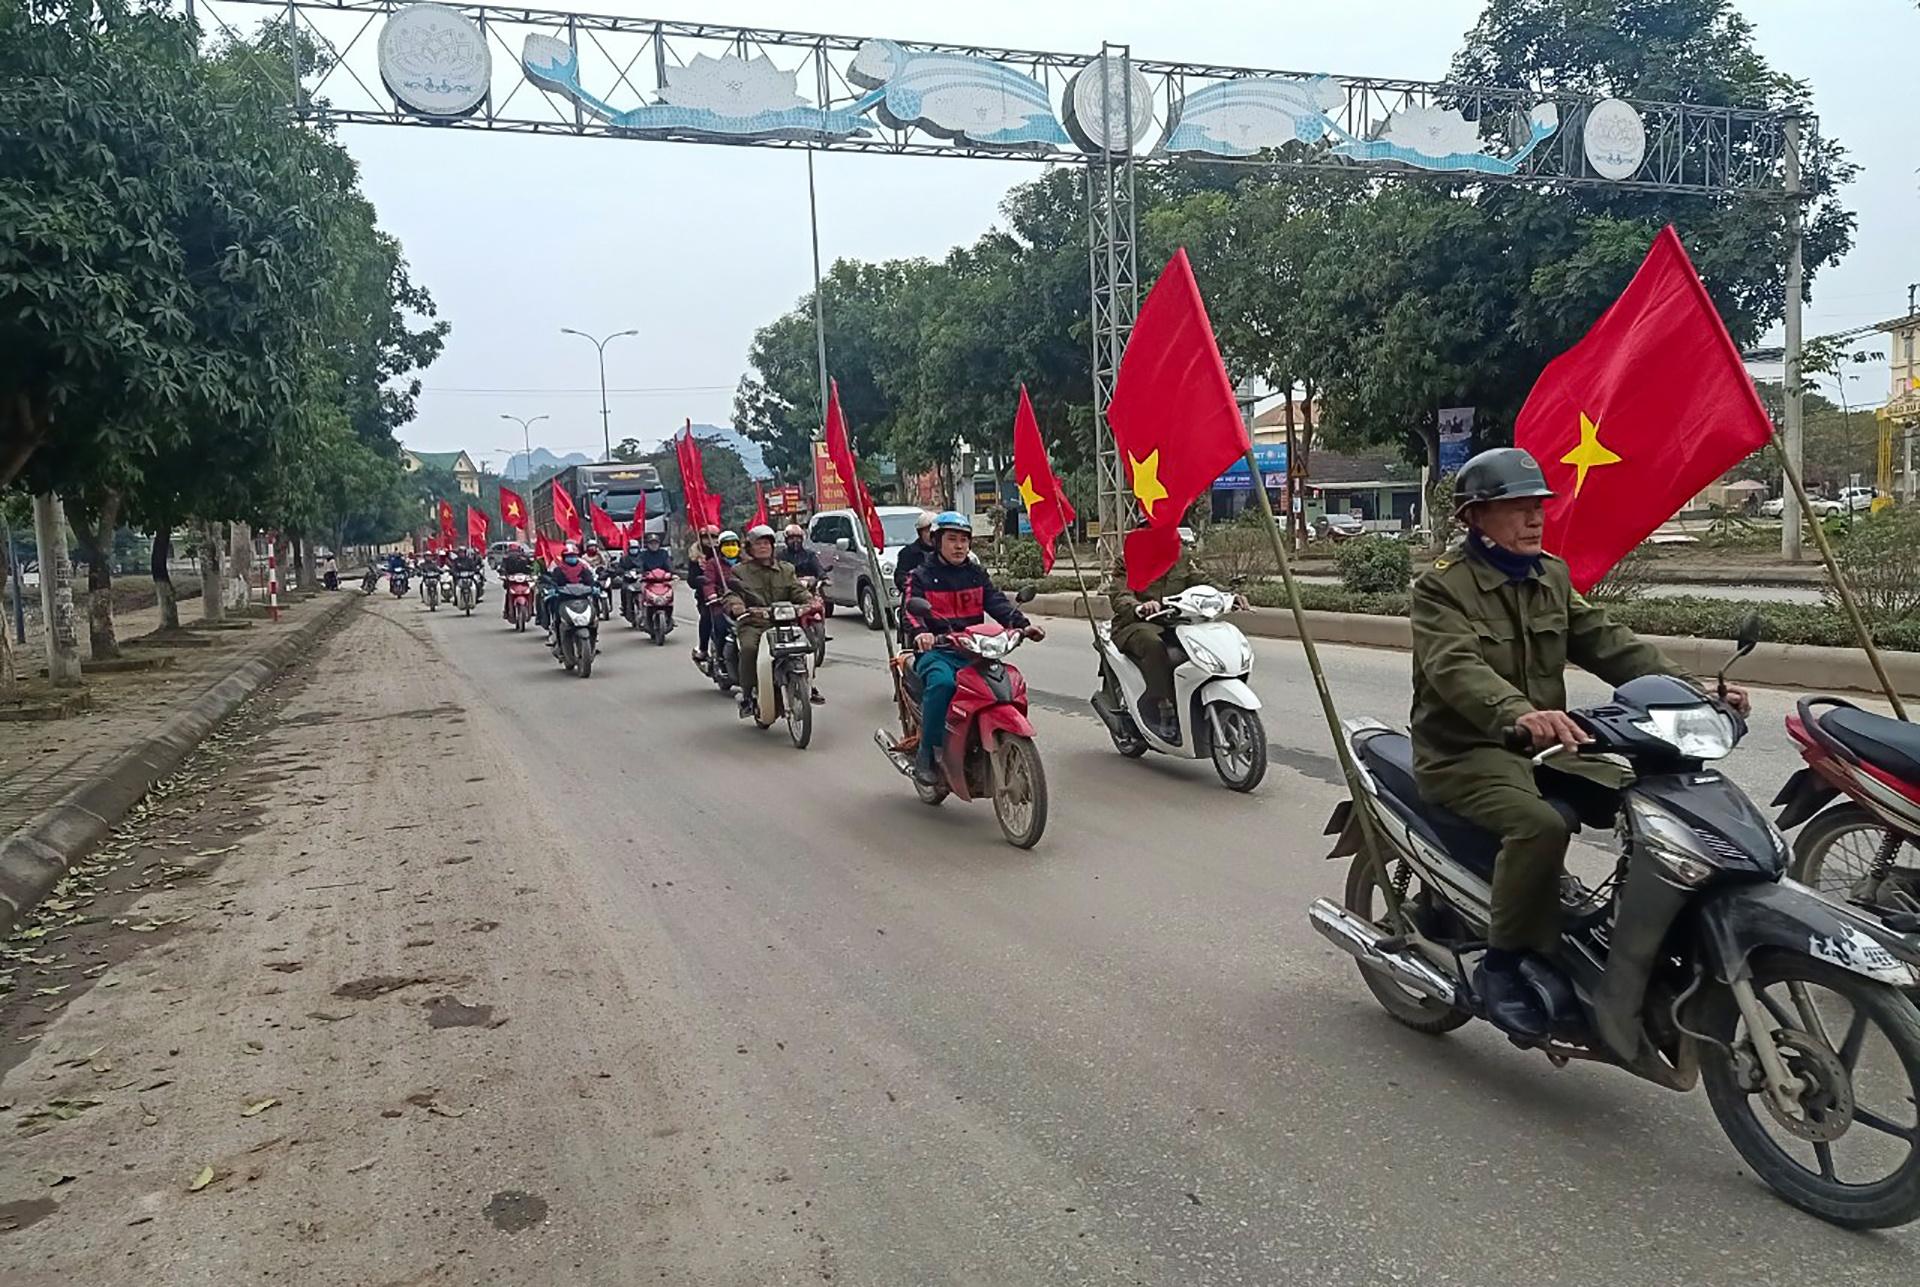 Người dân Anh Sơn mang theo cờ Đảng và cờ Tổ quốc diễu hành trên đường